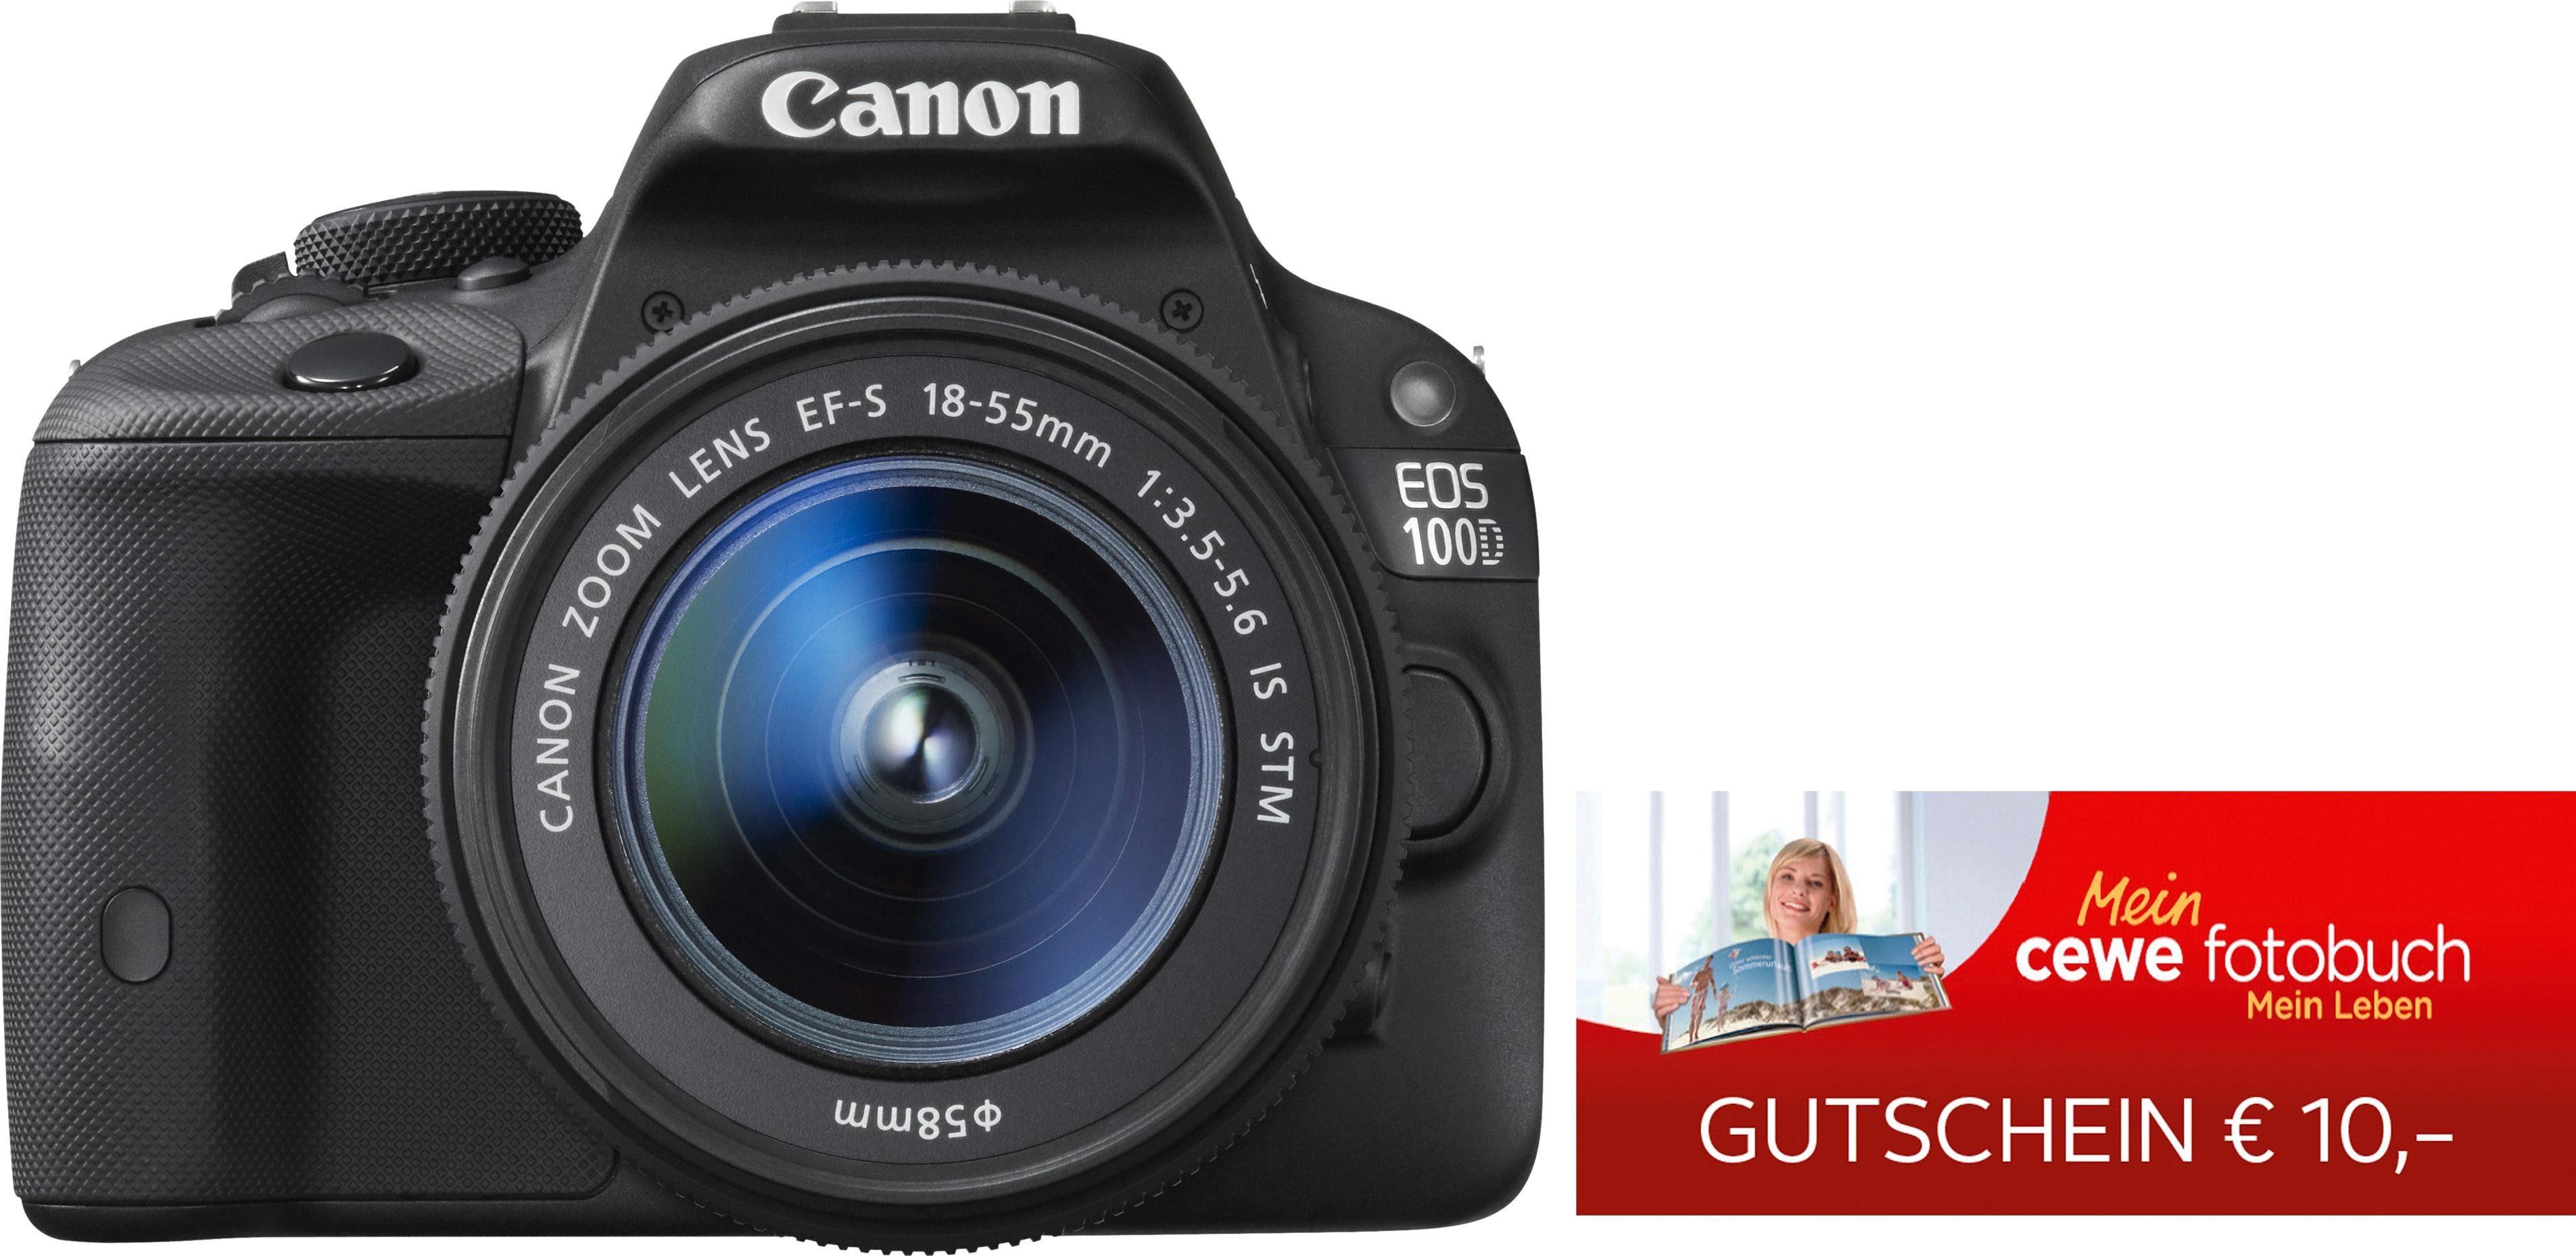 Canon EOS 100D 18-55IS STM & 10 € CEWE-Gutschein Spiegelreflex Kamera